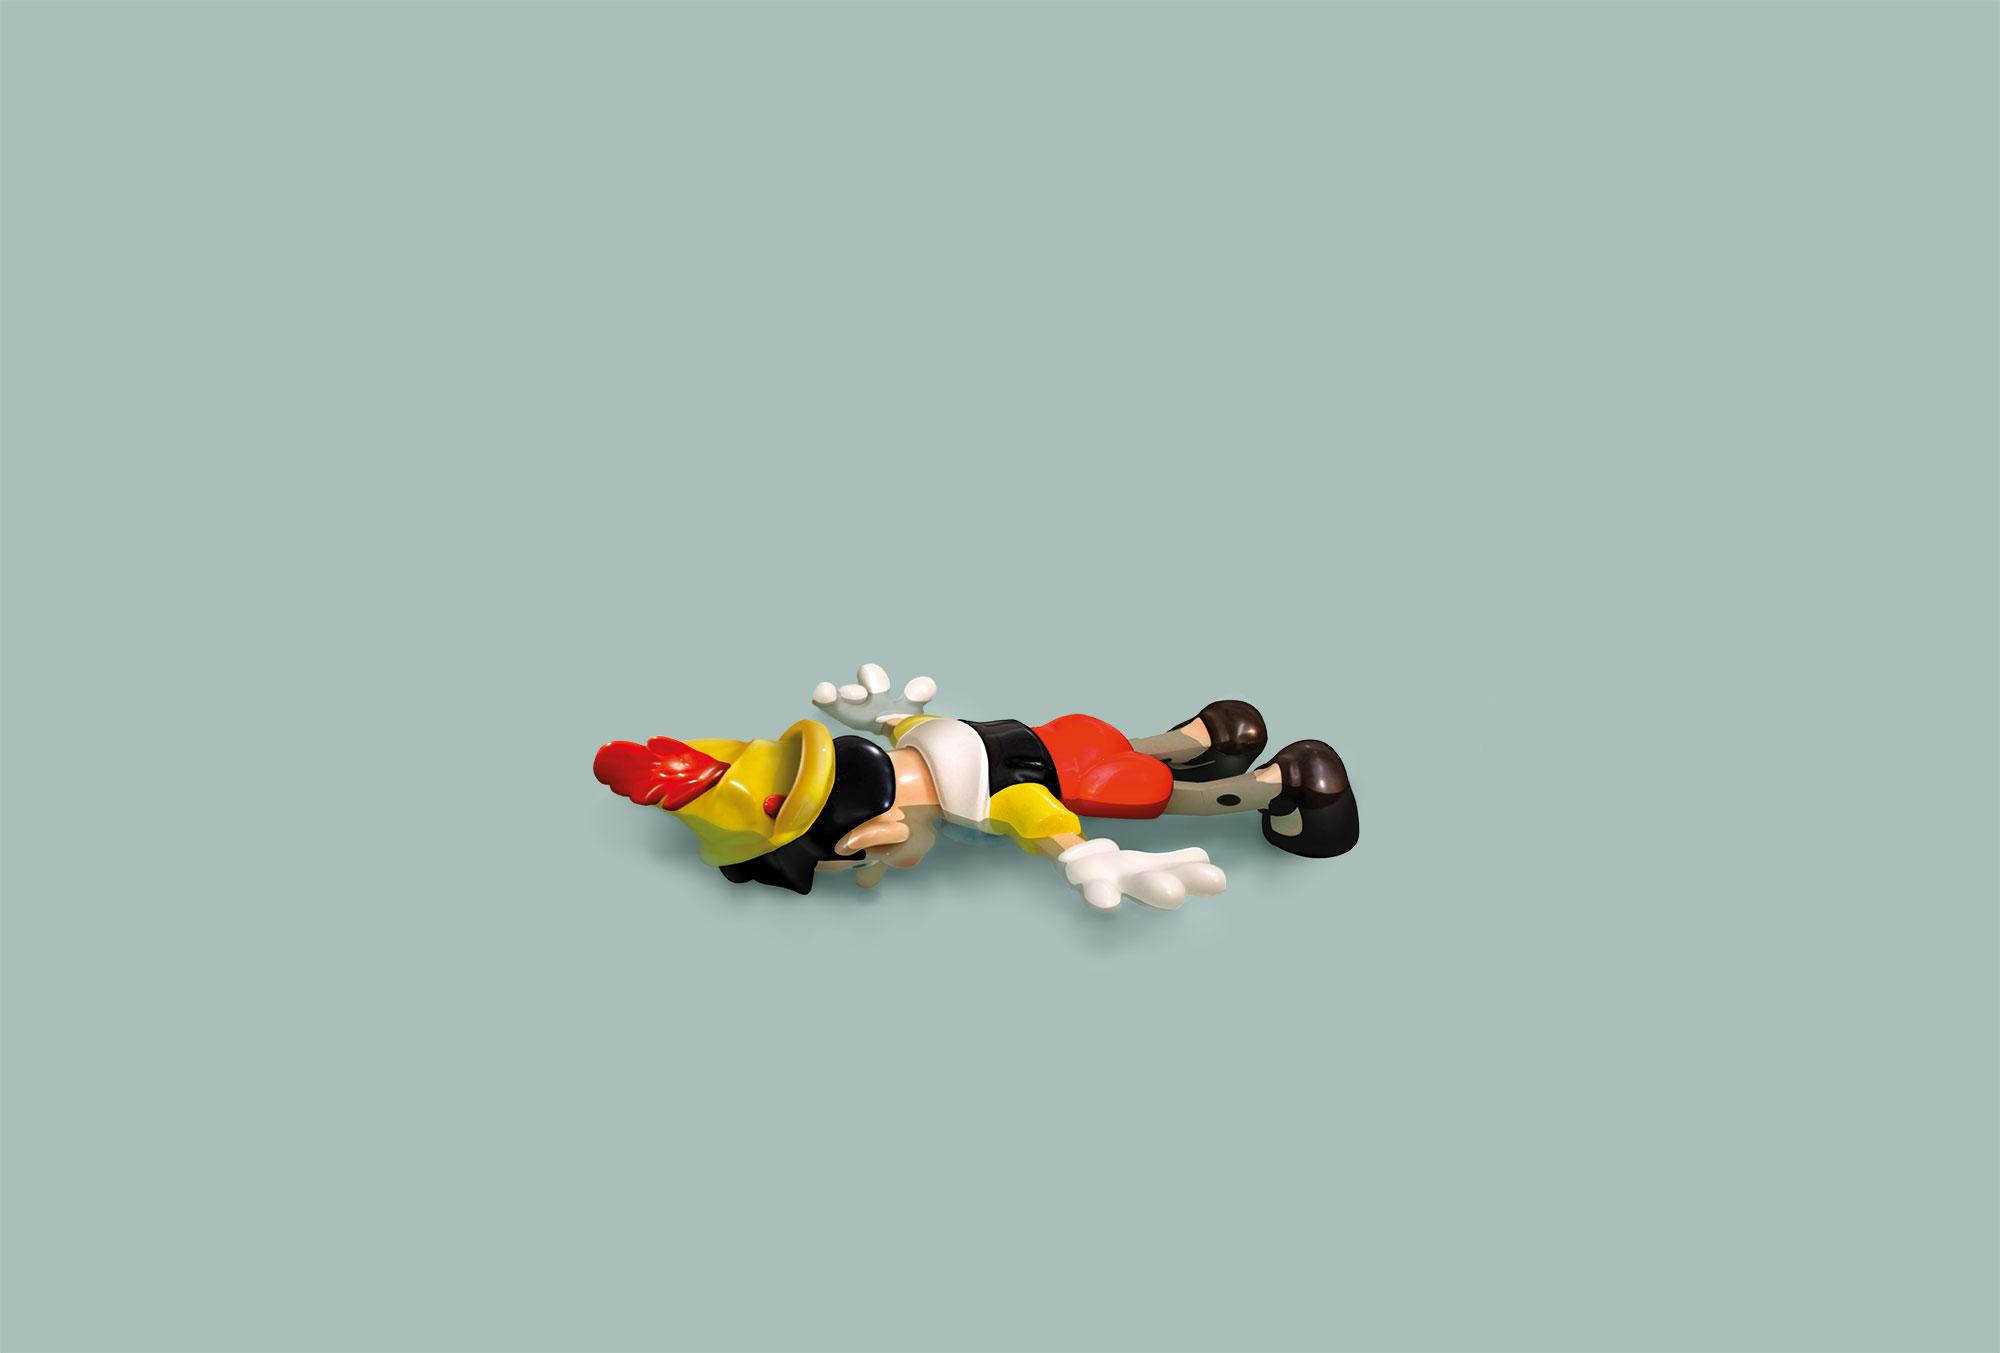 Giocattolo Pinocchio sdraiato a faccia in giù nell'acqua